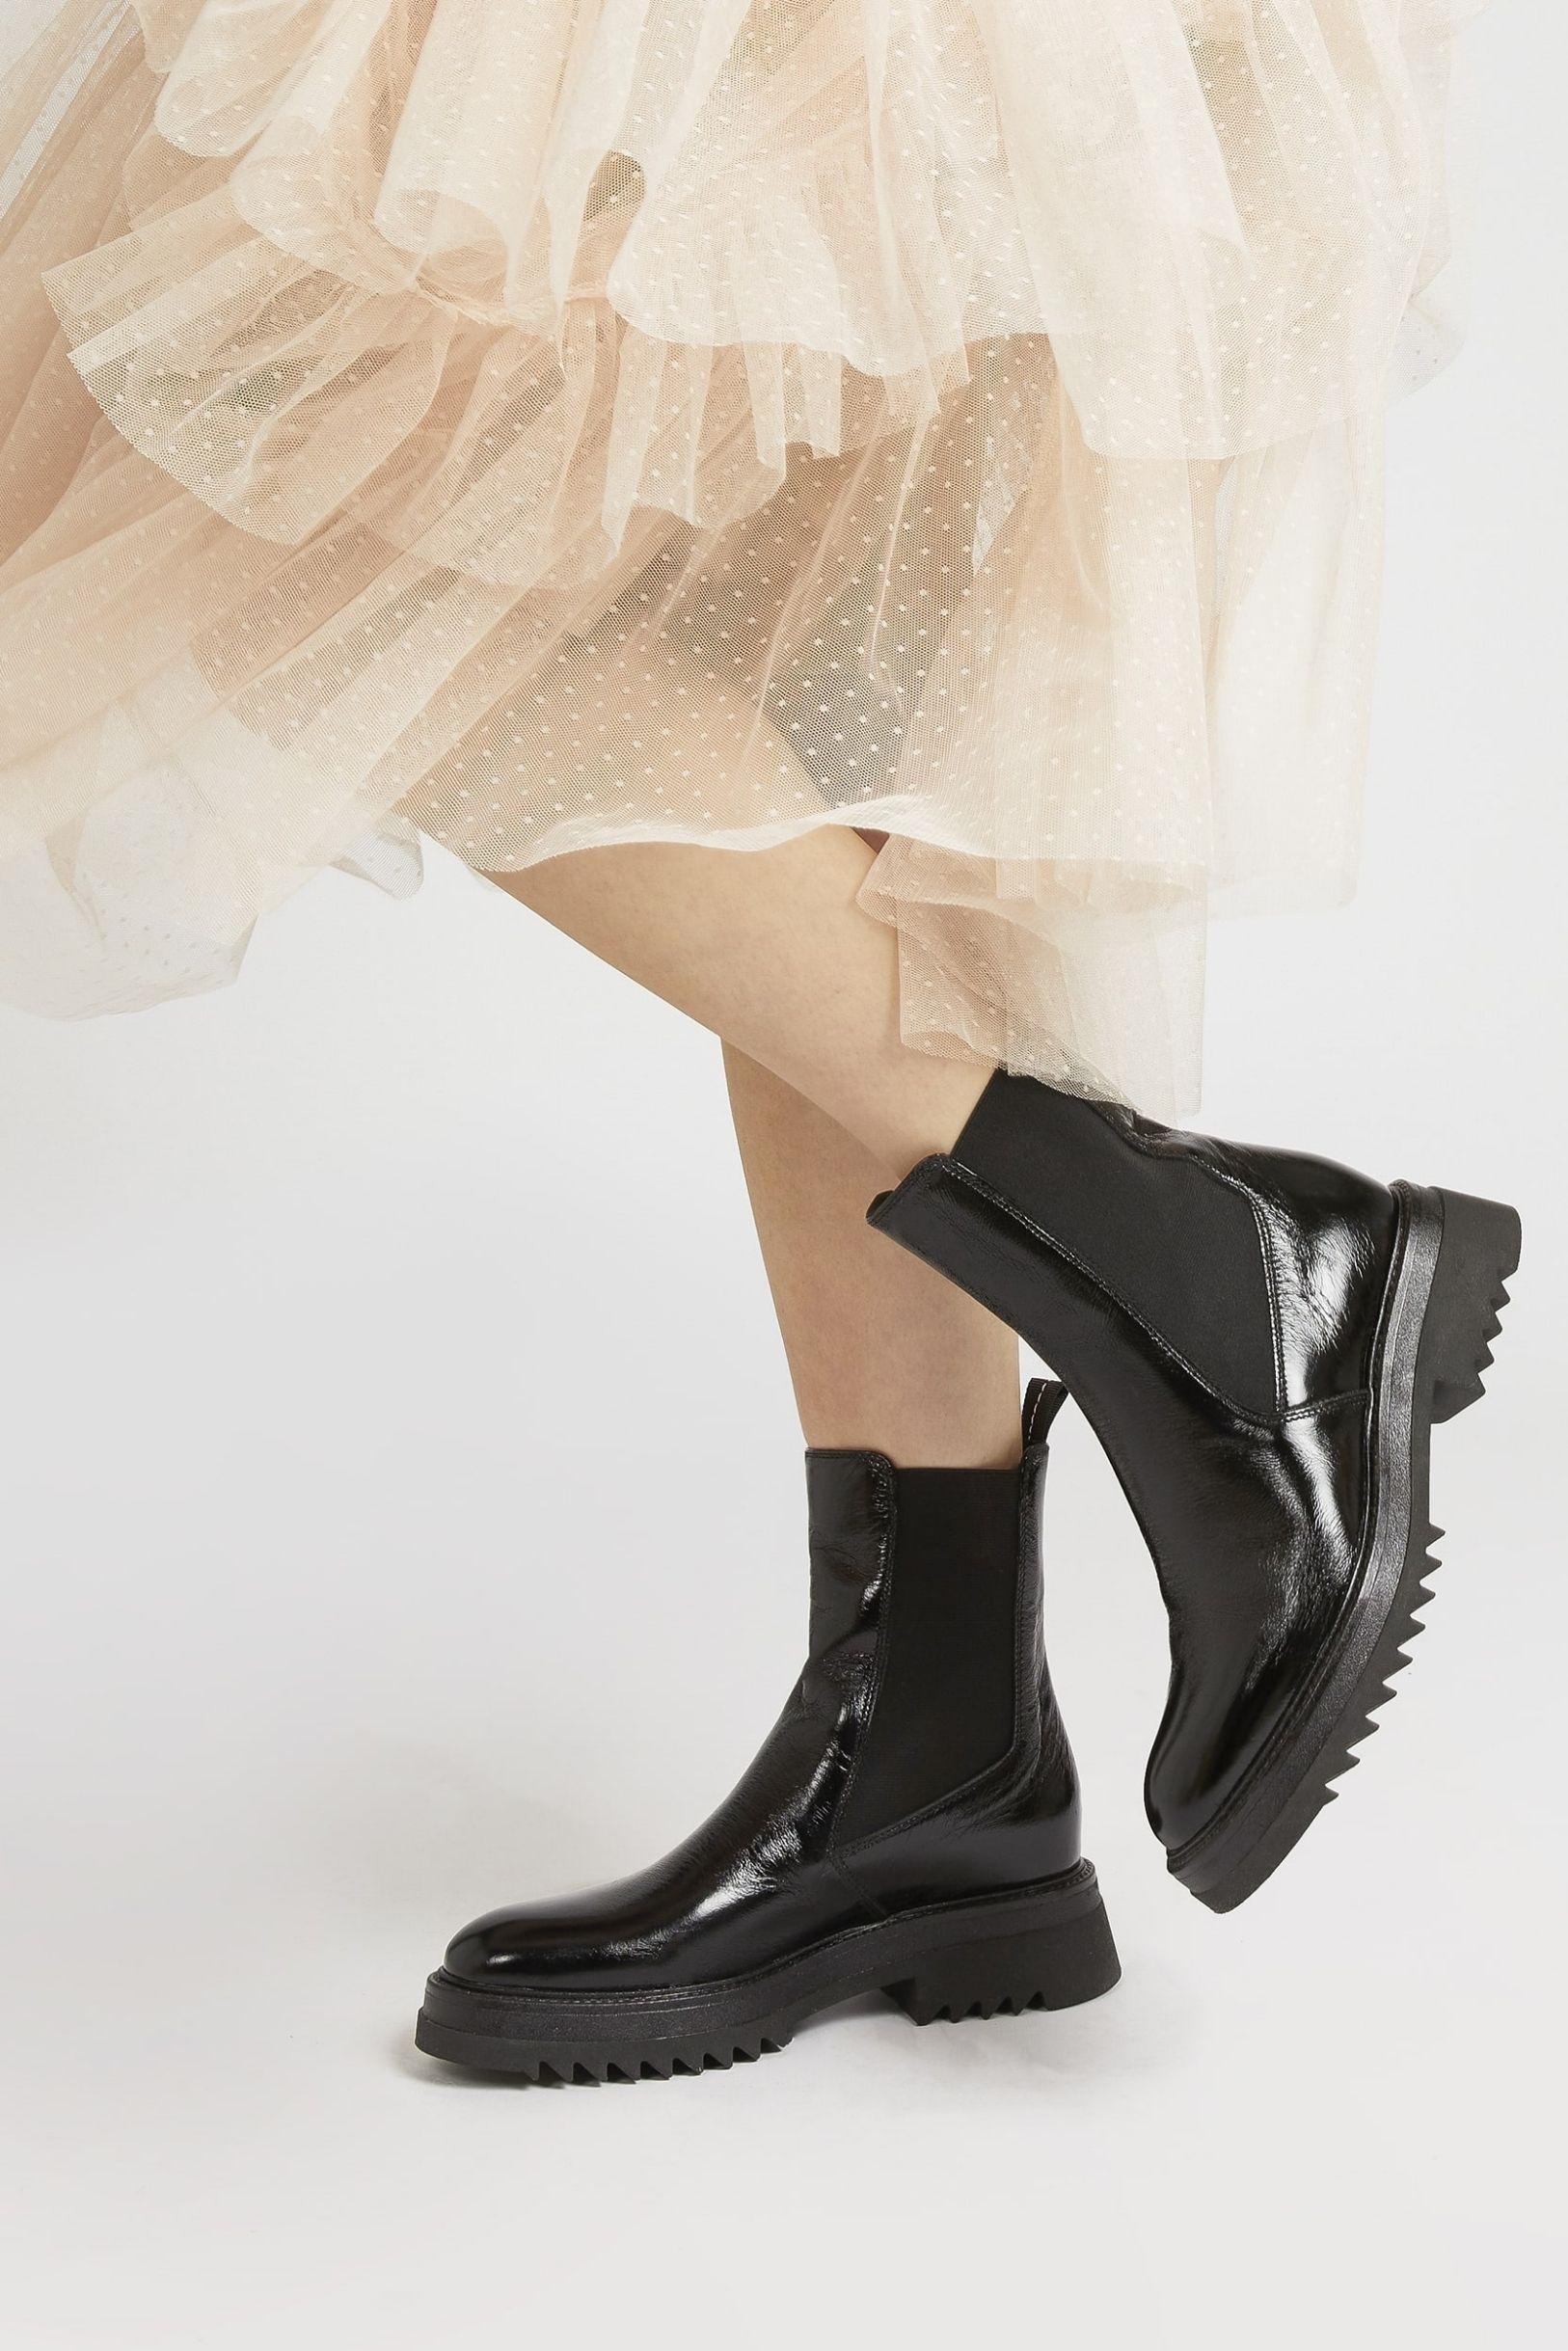 https://www.jonesbootmaker.com/products/denno-chelsea-boots-denno-320-531?variant=39457745895487